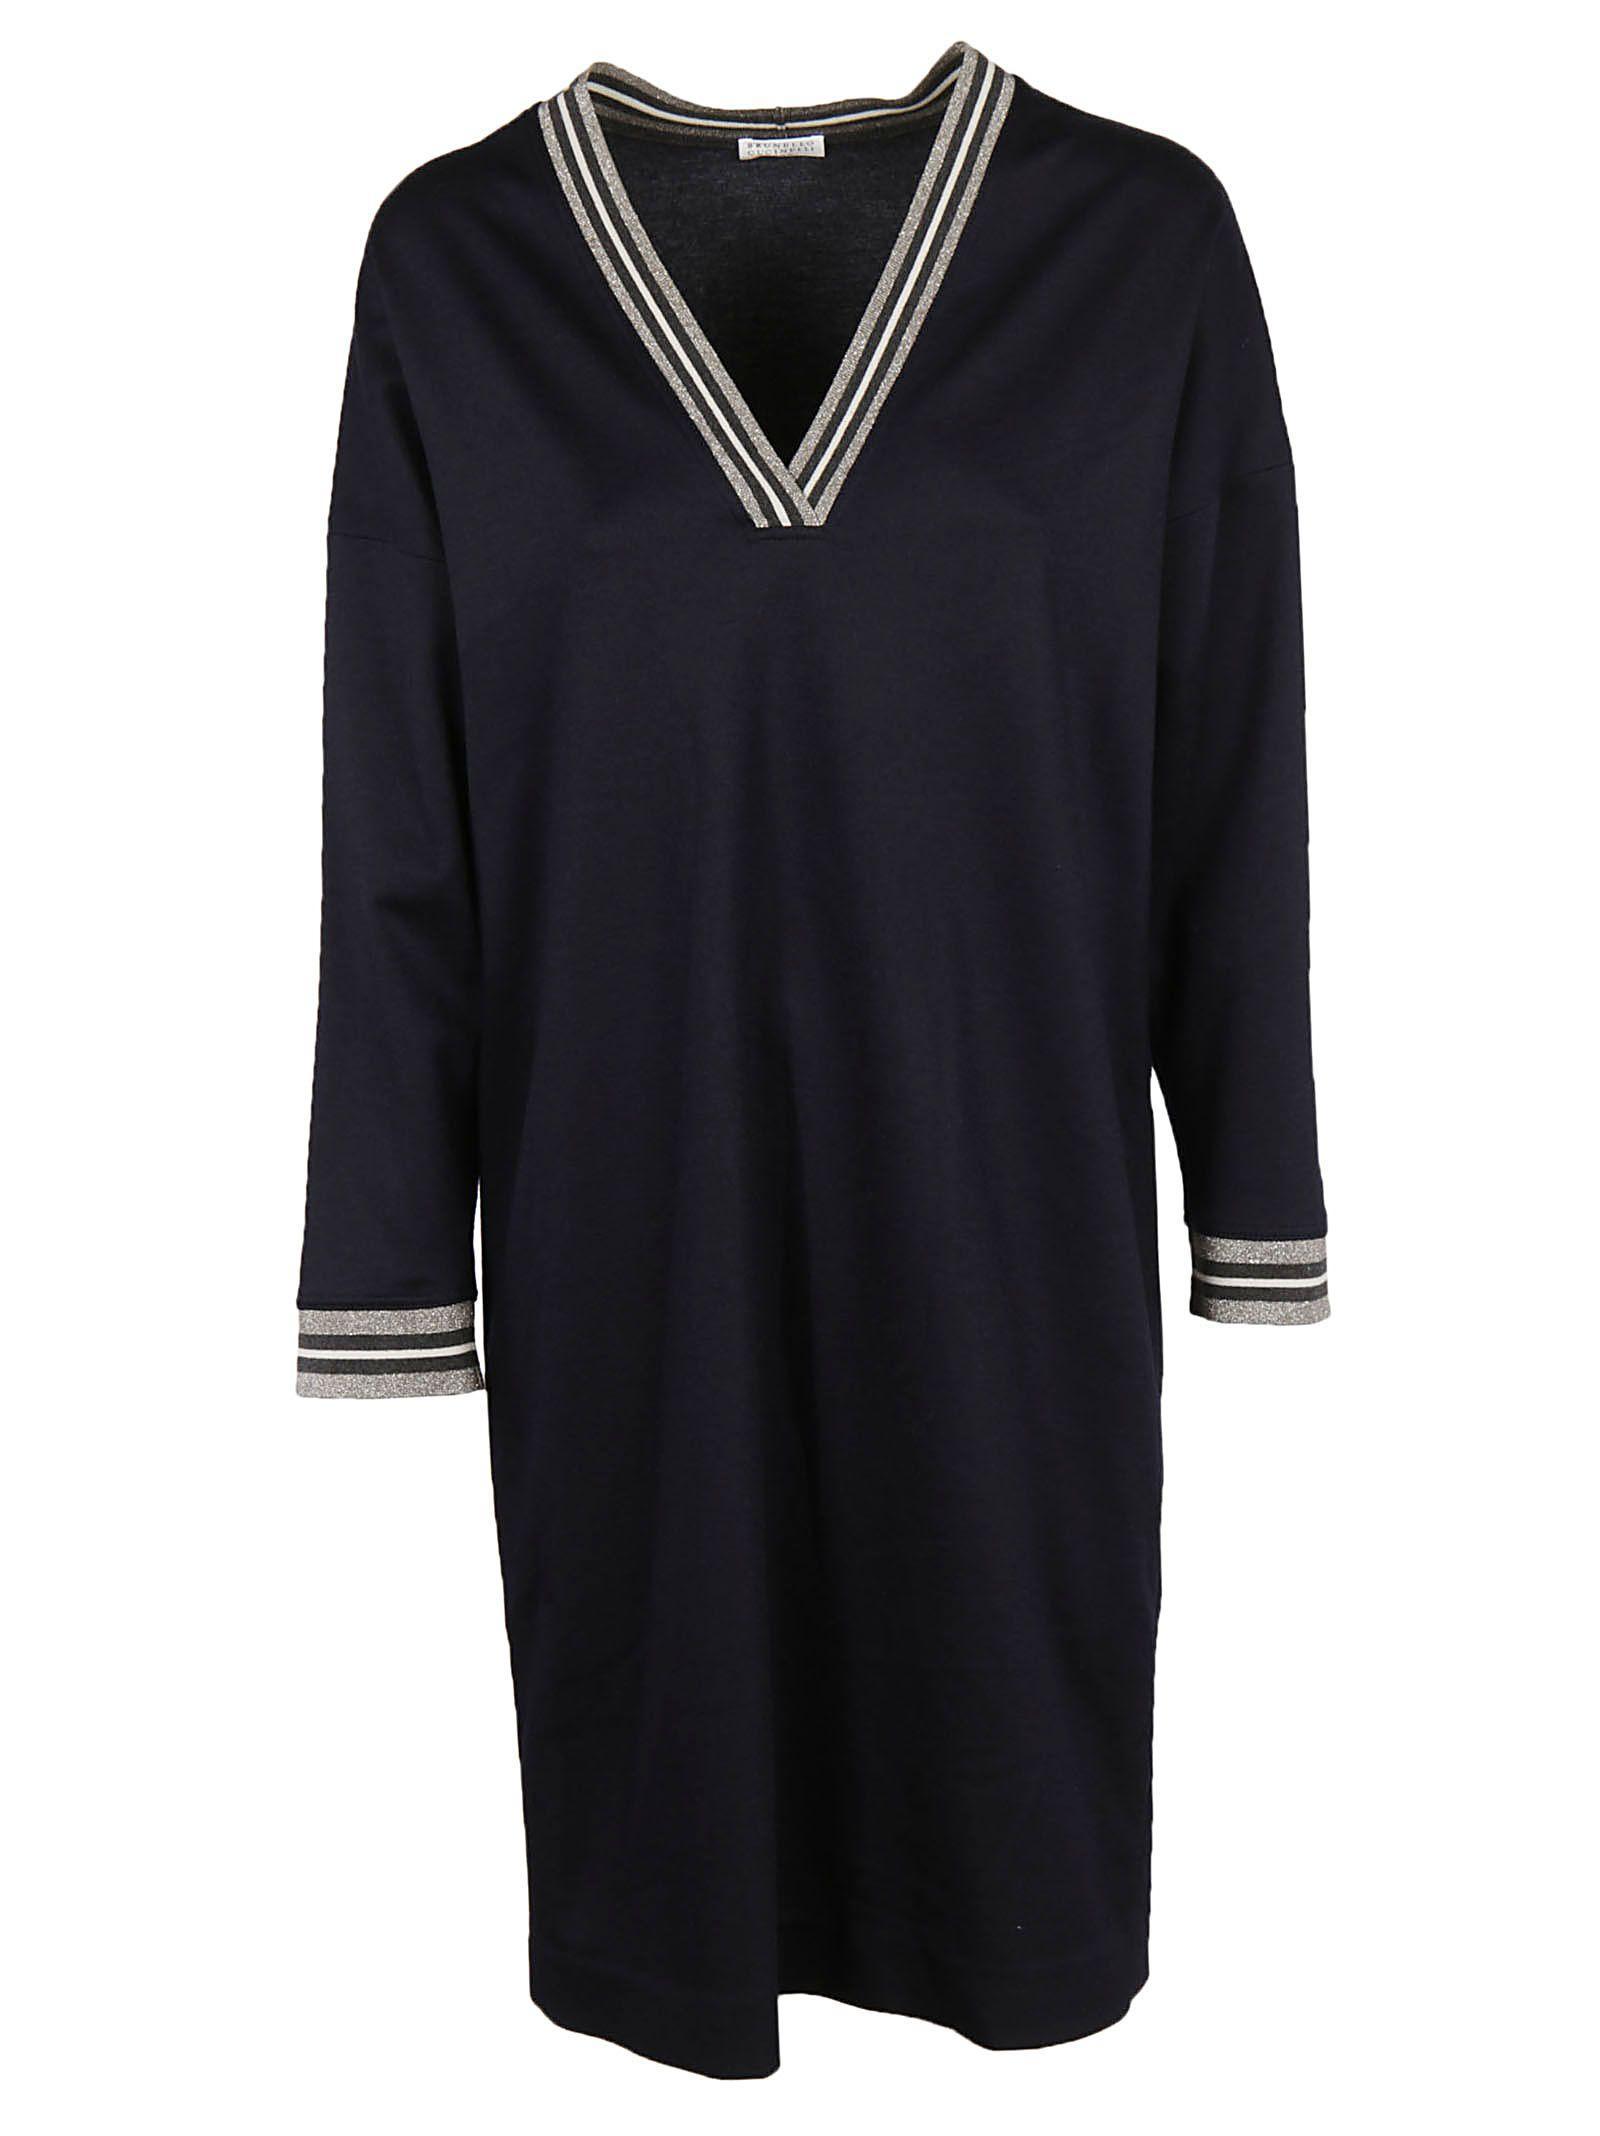 Brunello Cucinelli Classic Stripe Dress In Black